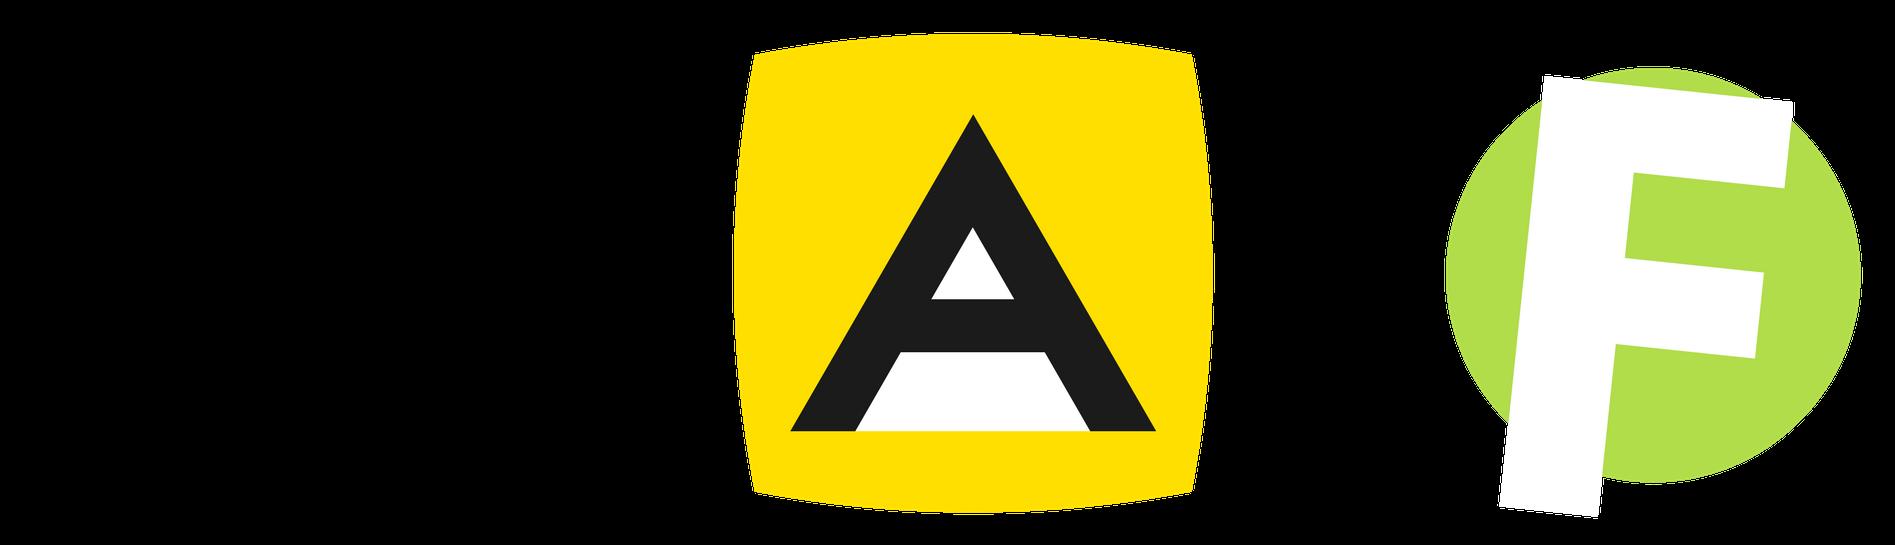 Lettermark Logo Examples